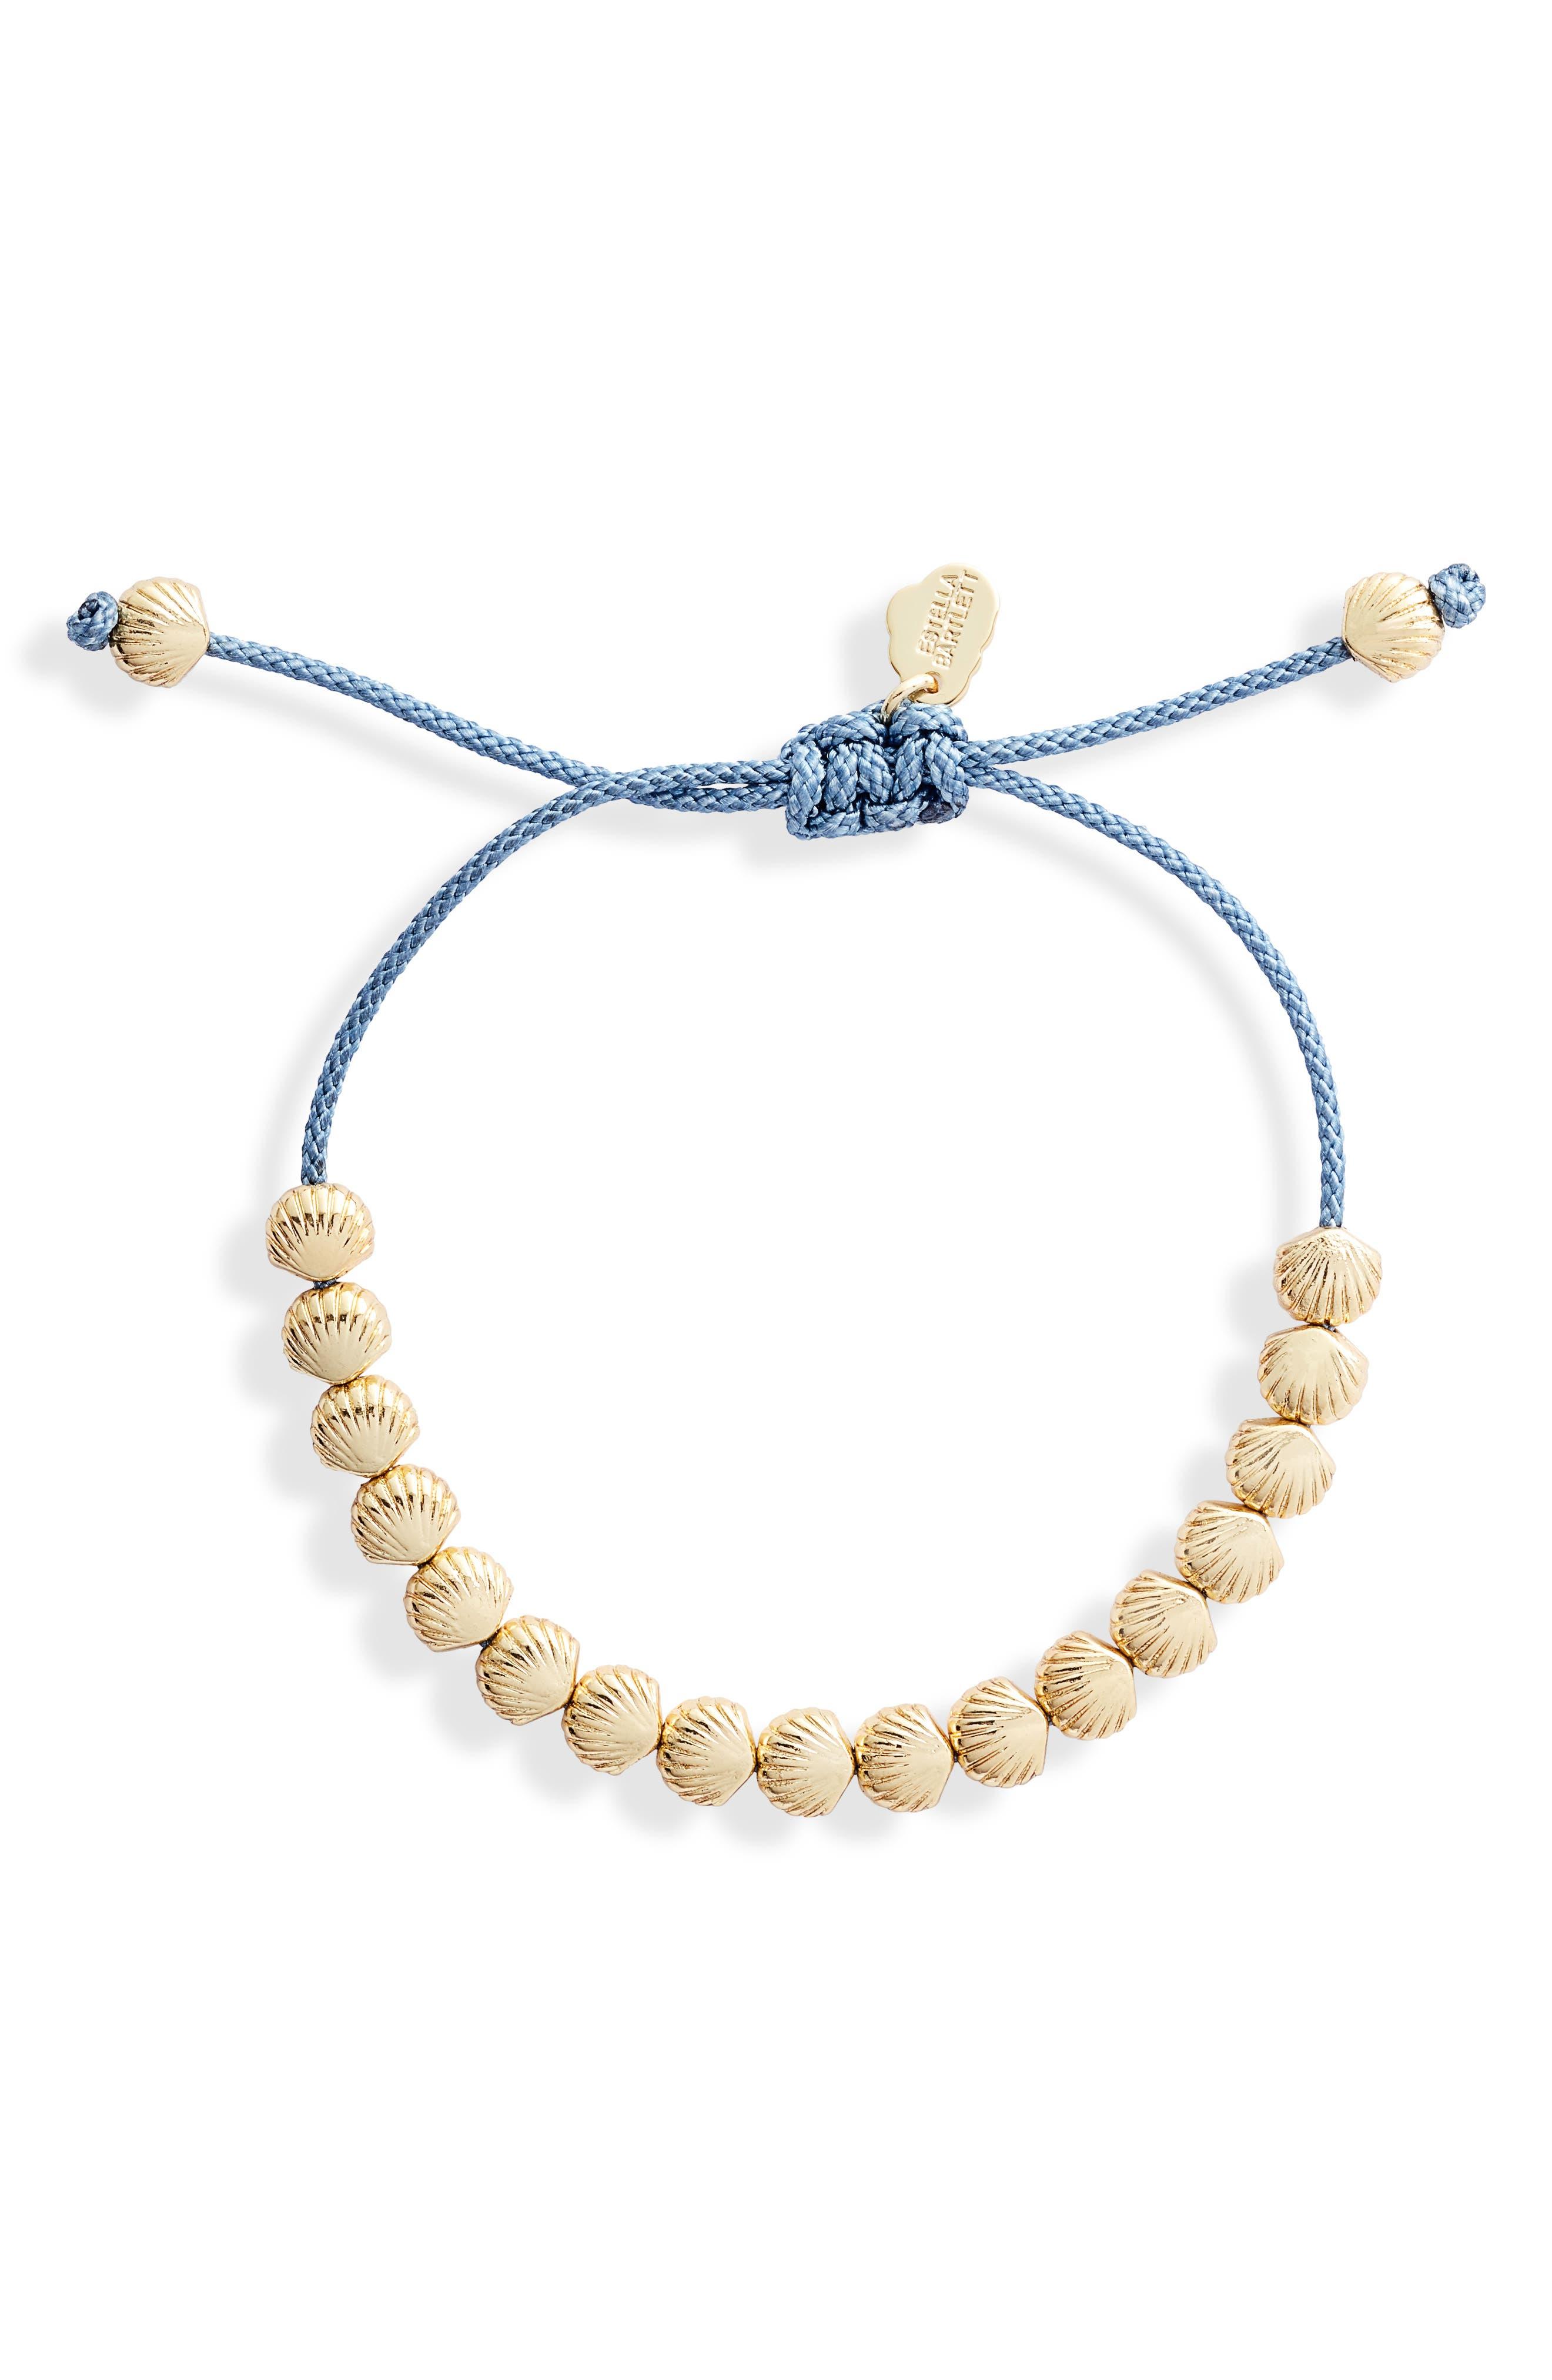 Seashore Beaded Friendship Bracelet